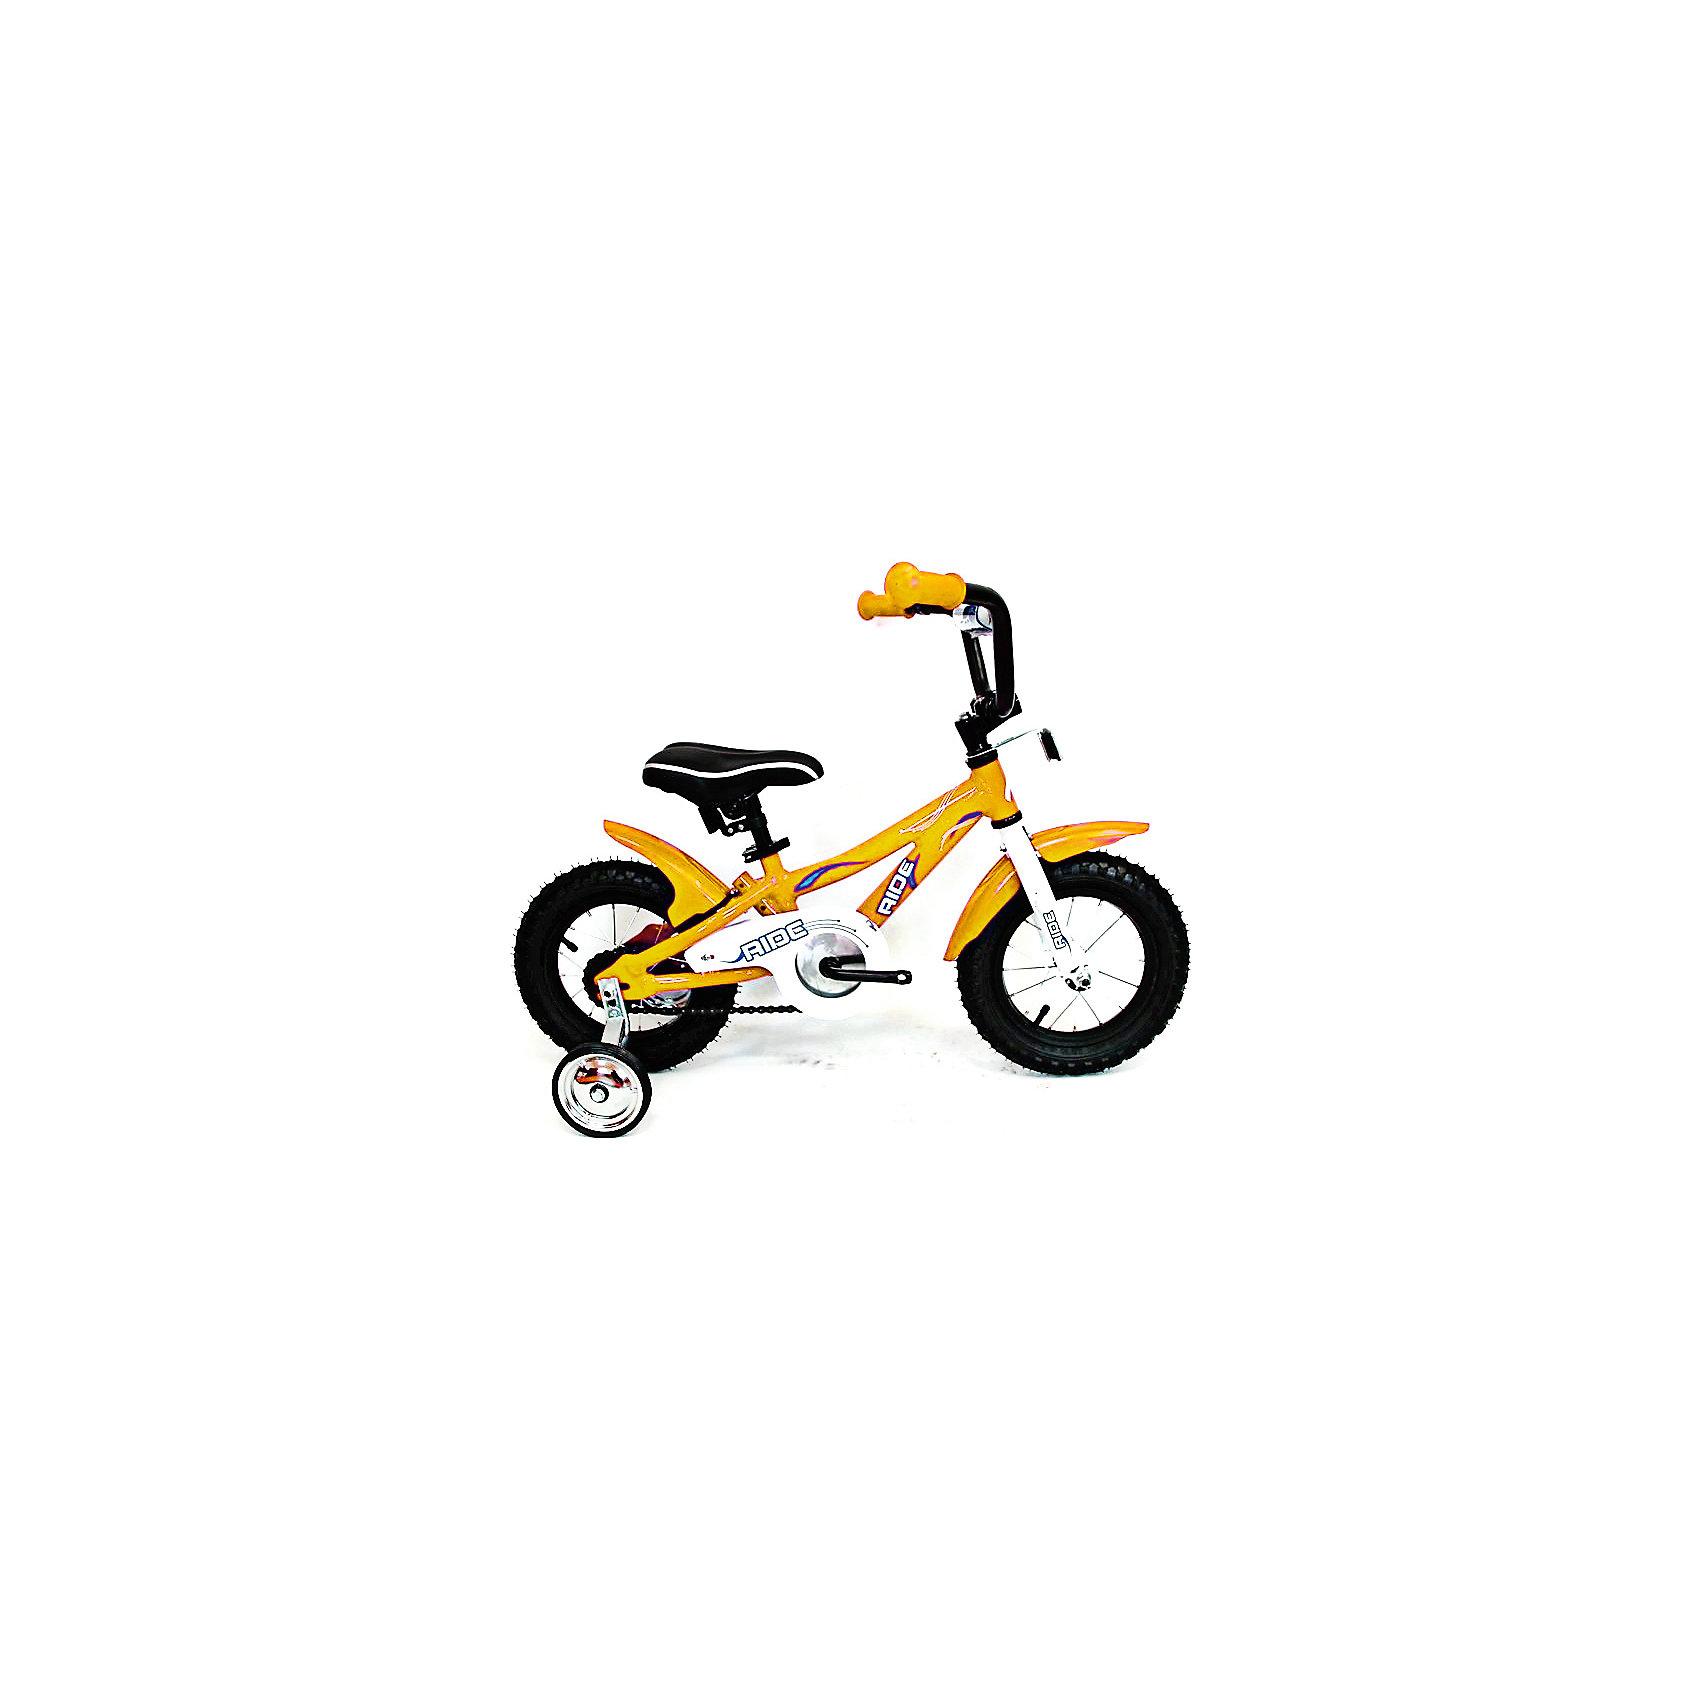 Велосипед RIDE, MARS, желтыйВелосипеды детские<br><br><br>Ширина мм: 400<br>Глубина мм: 400<br>Высота мм: 1000<br>Вес г: 10000<br>Возраст от месяцев: 24<br>Возраст до месяцев: 60<br>Пол: Унисекс<br>Возраст: Детский<br>SKU: 4785498